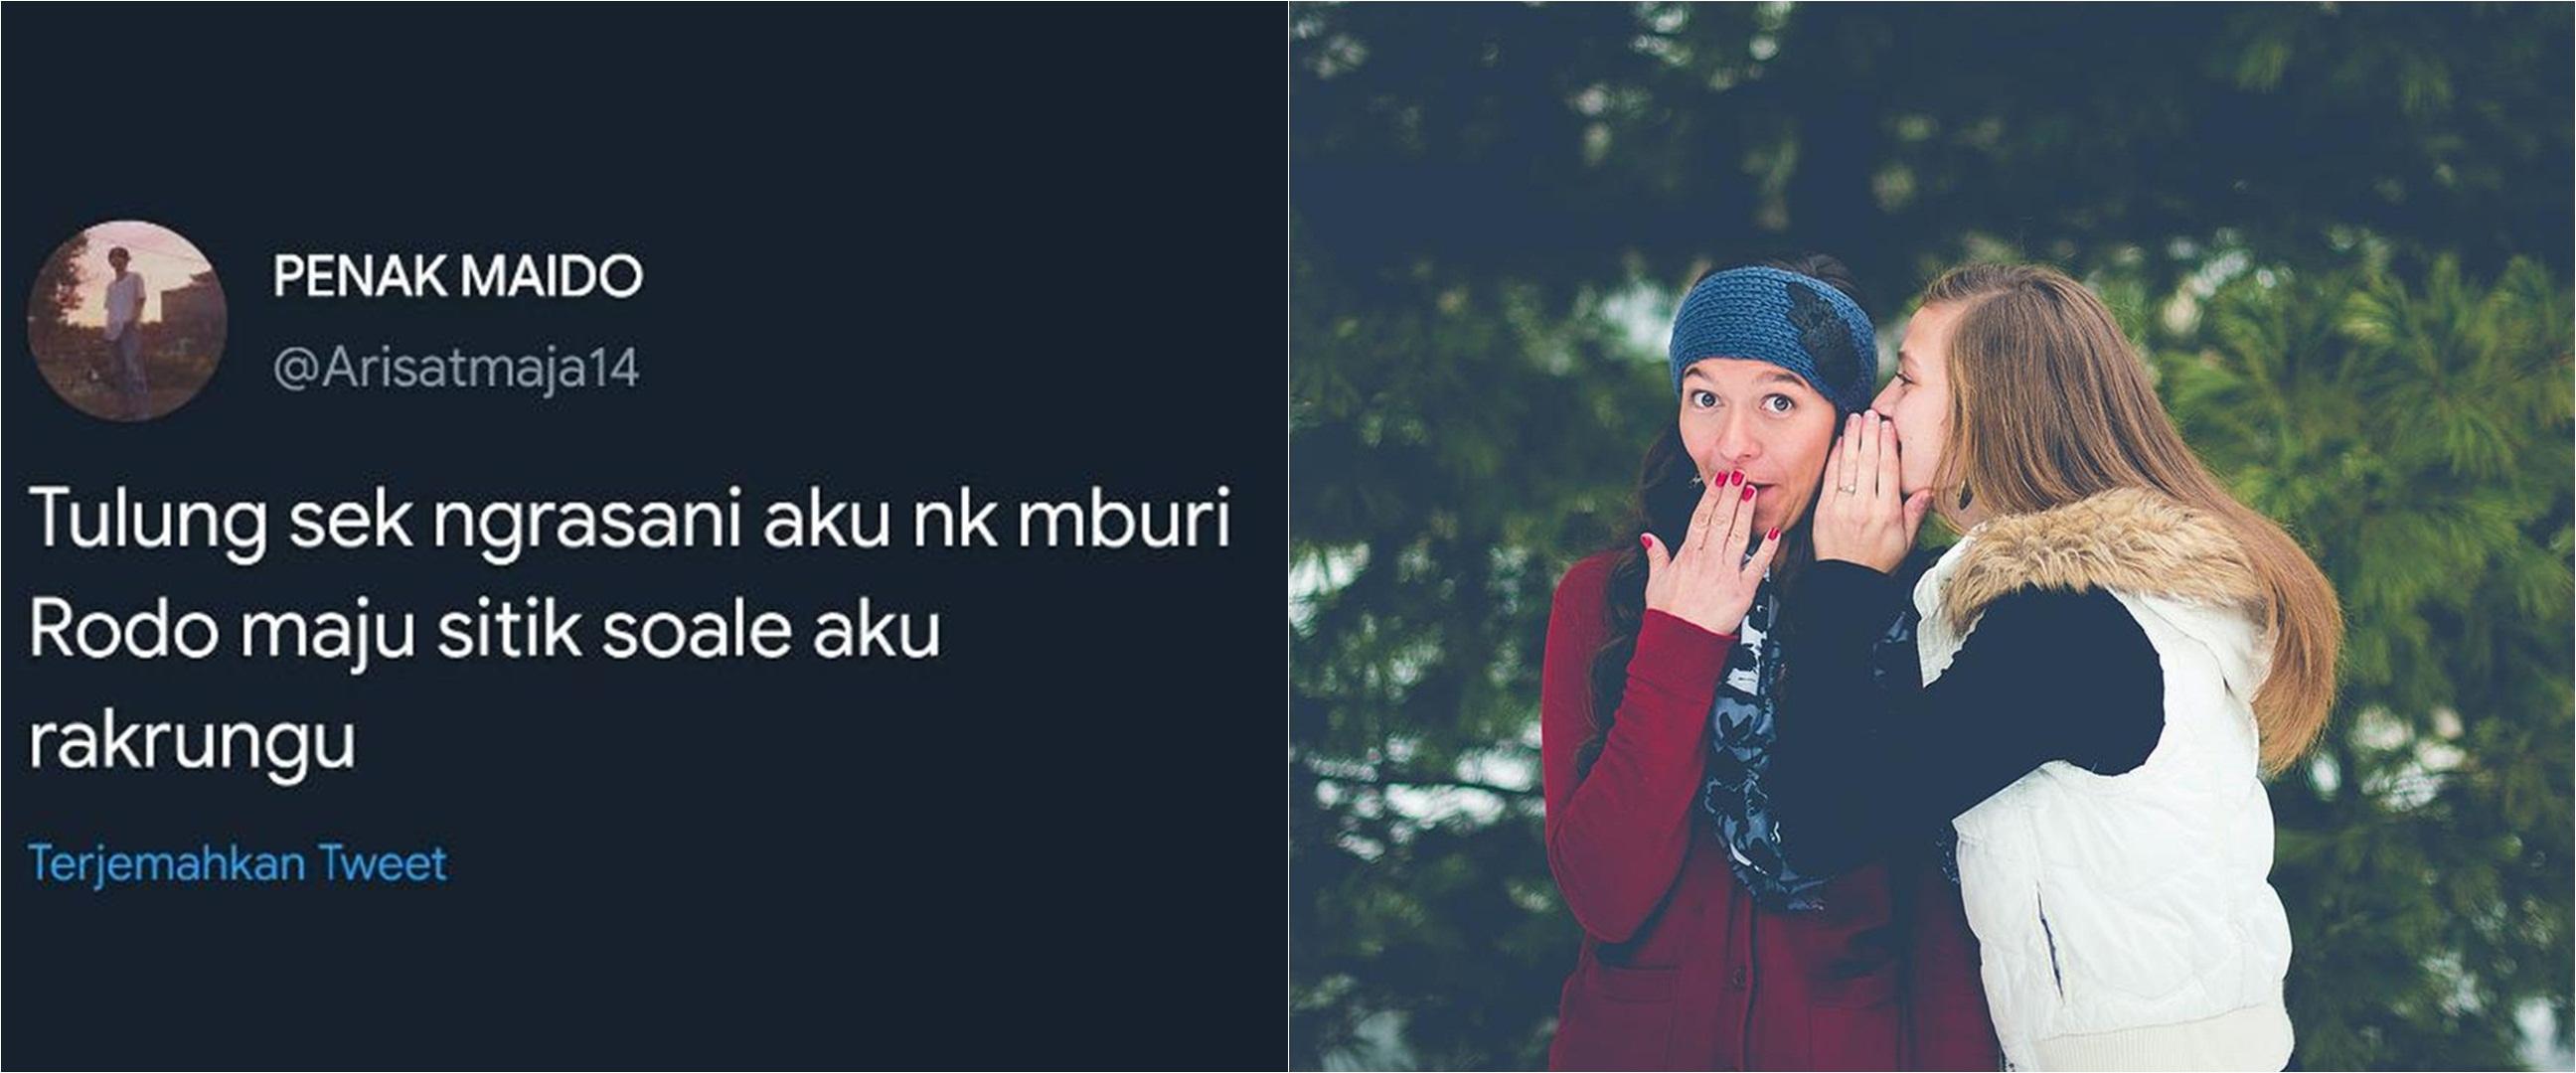 75 Kata-kata sindiran buat teman bahasa Jawa, singkat tapi ngena